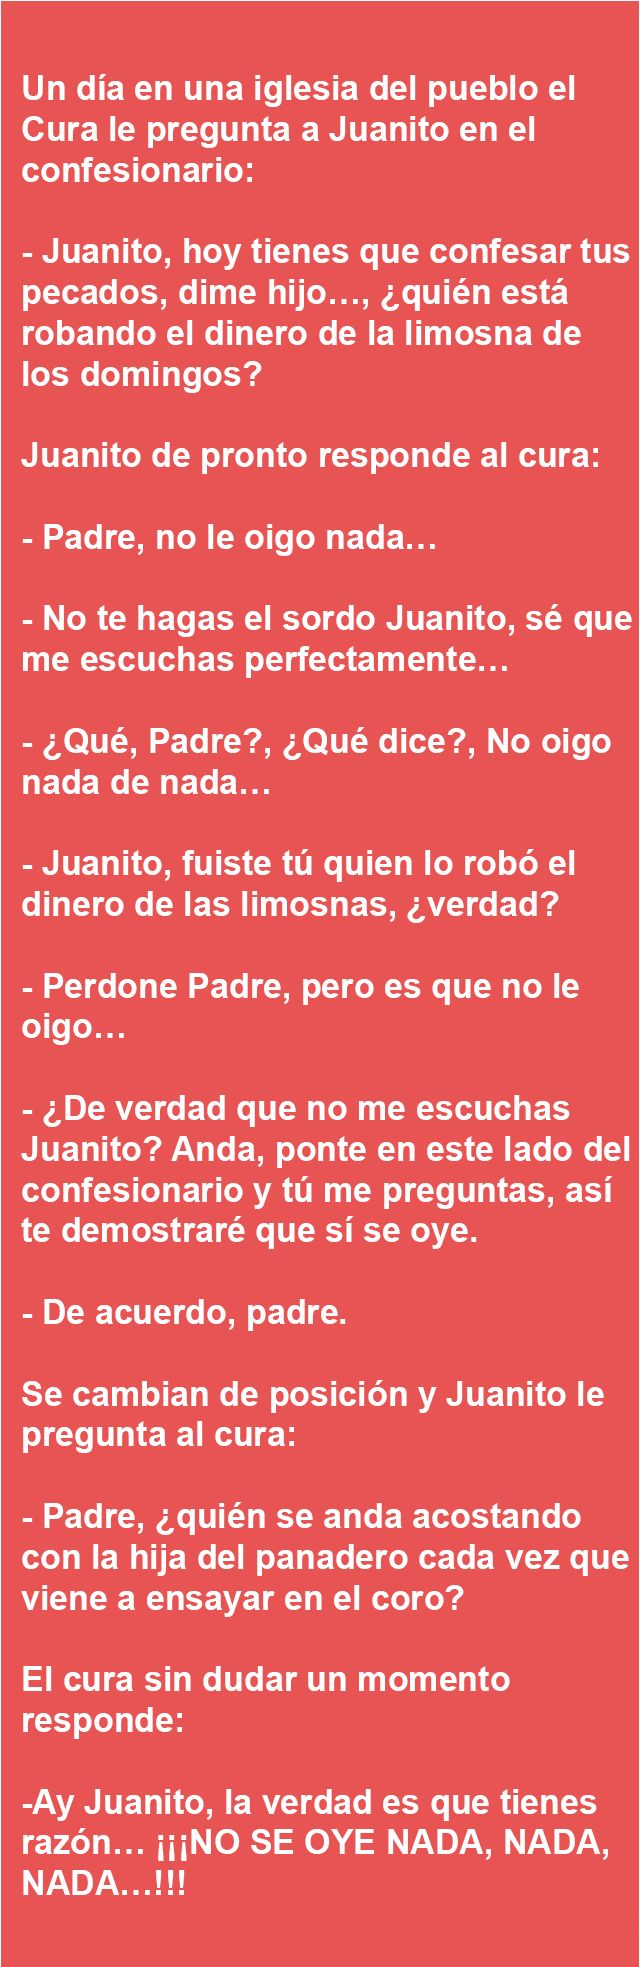 Fuente Pinterest Ignacia Bustamante Cerda